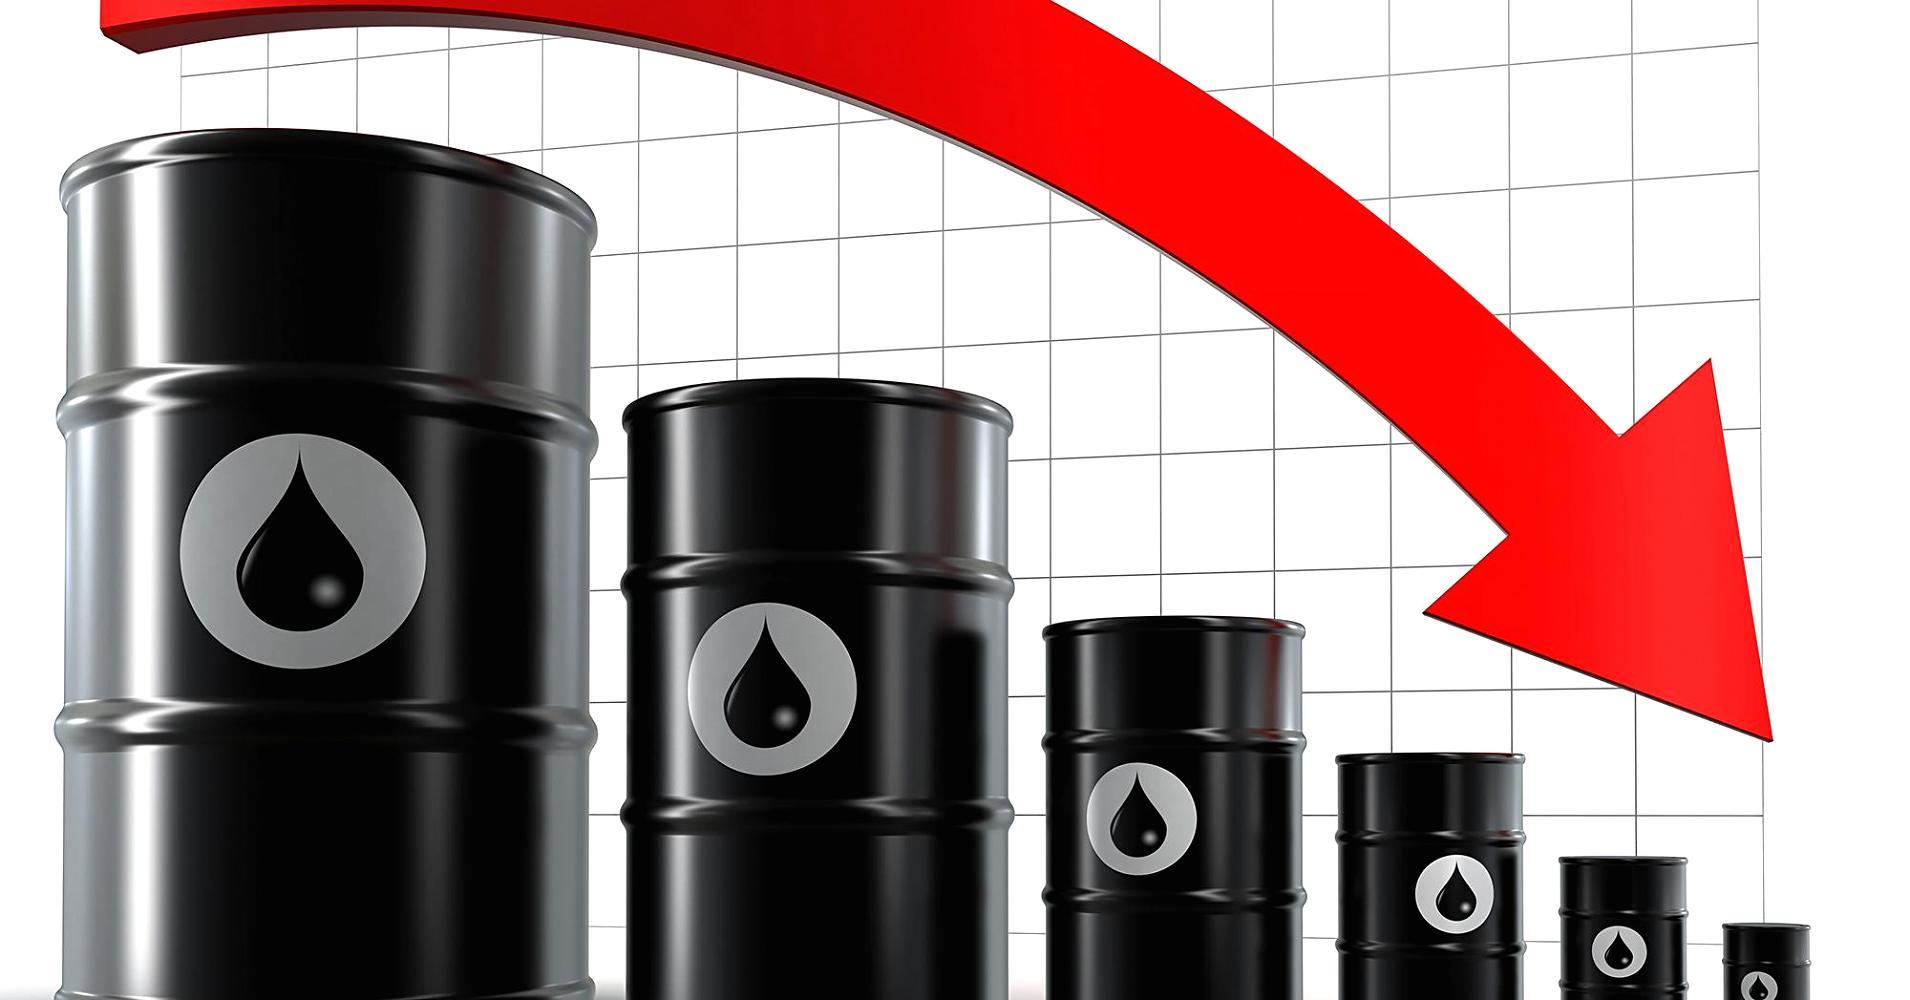 النفط يتراجع 1 % بعد الضربات الجوية على سوريا